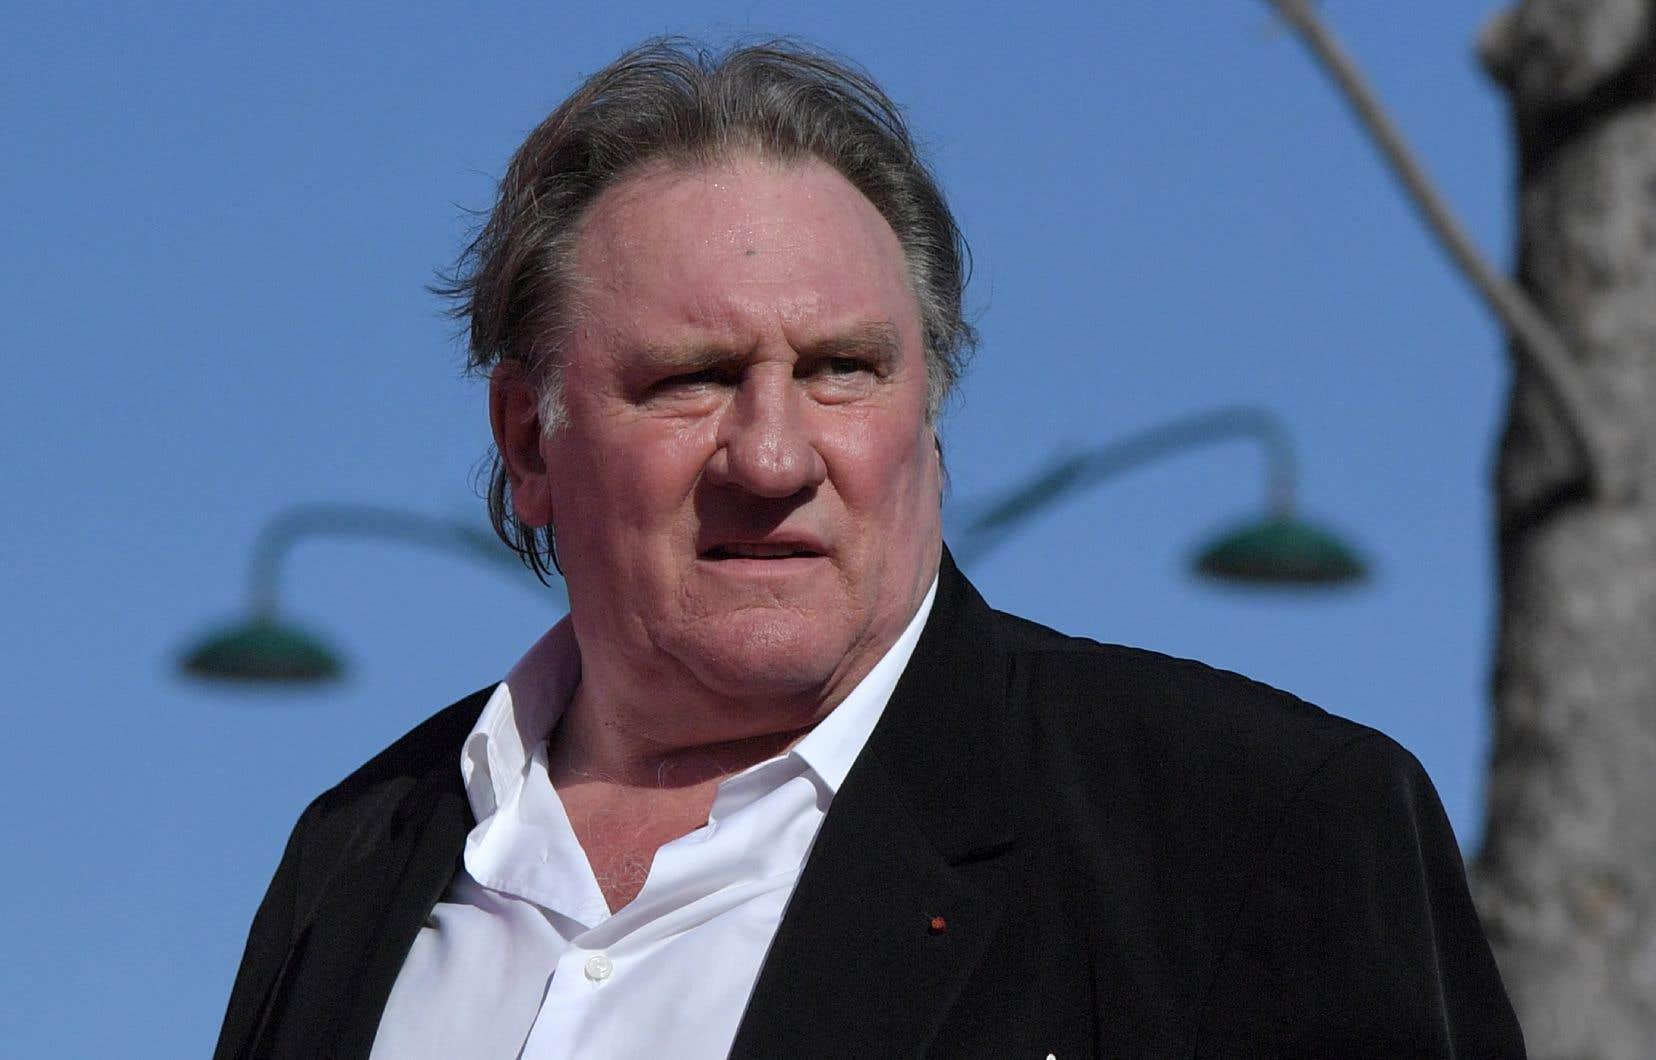 Gérard Depardieu évoque «le caractère totalement infondé des accusations», en ajoutant: «il n'y a pas de preuves, il n'y a rien contre moi».